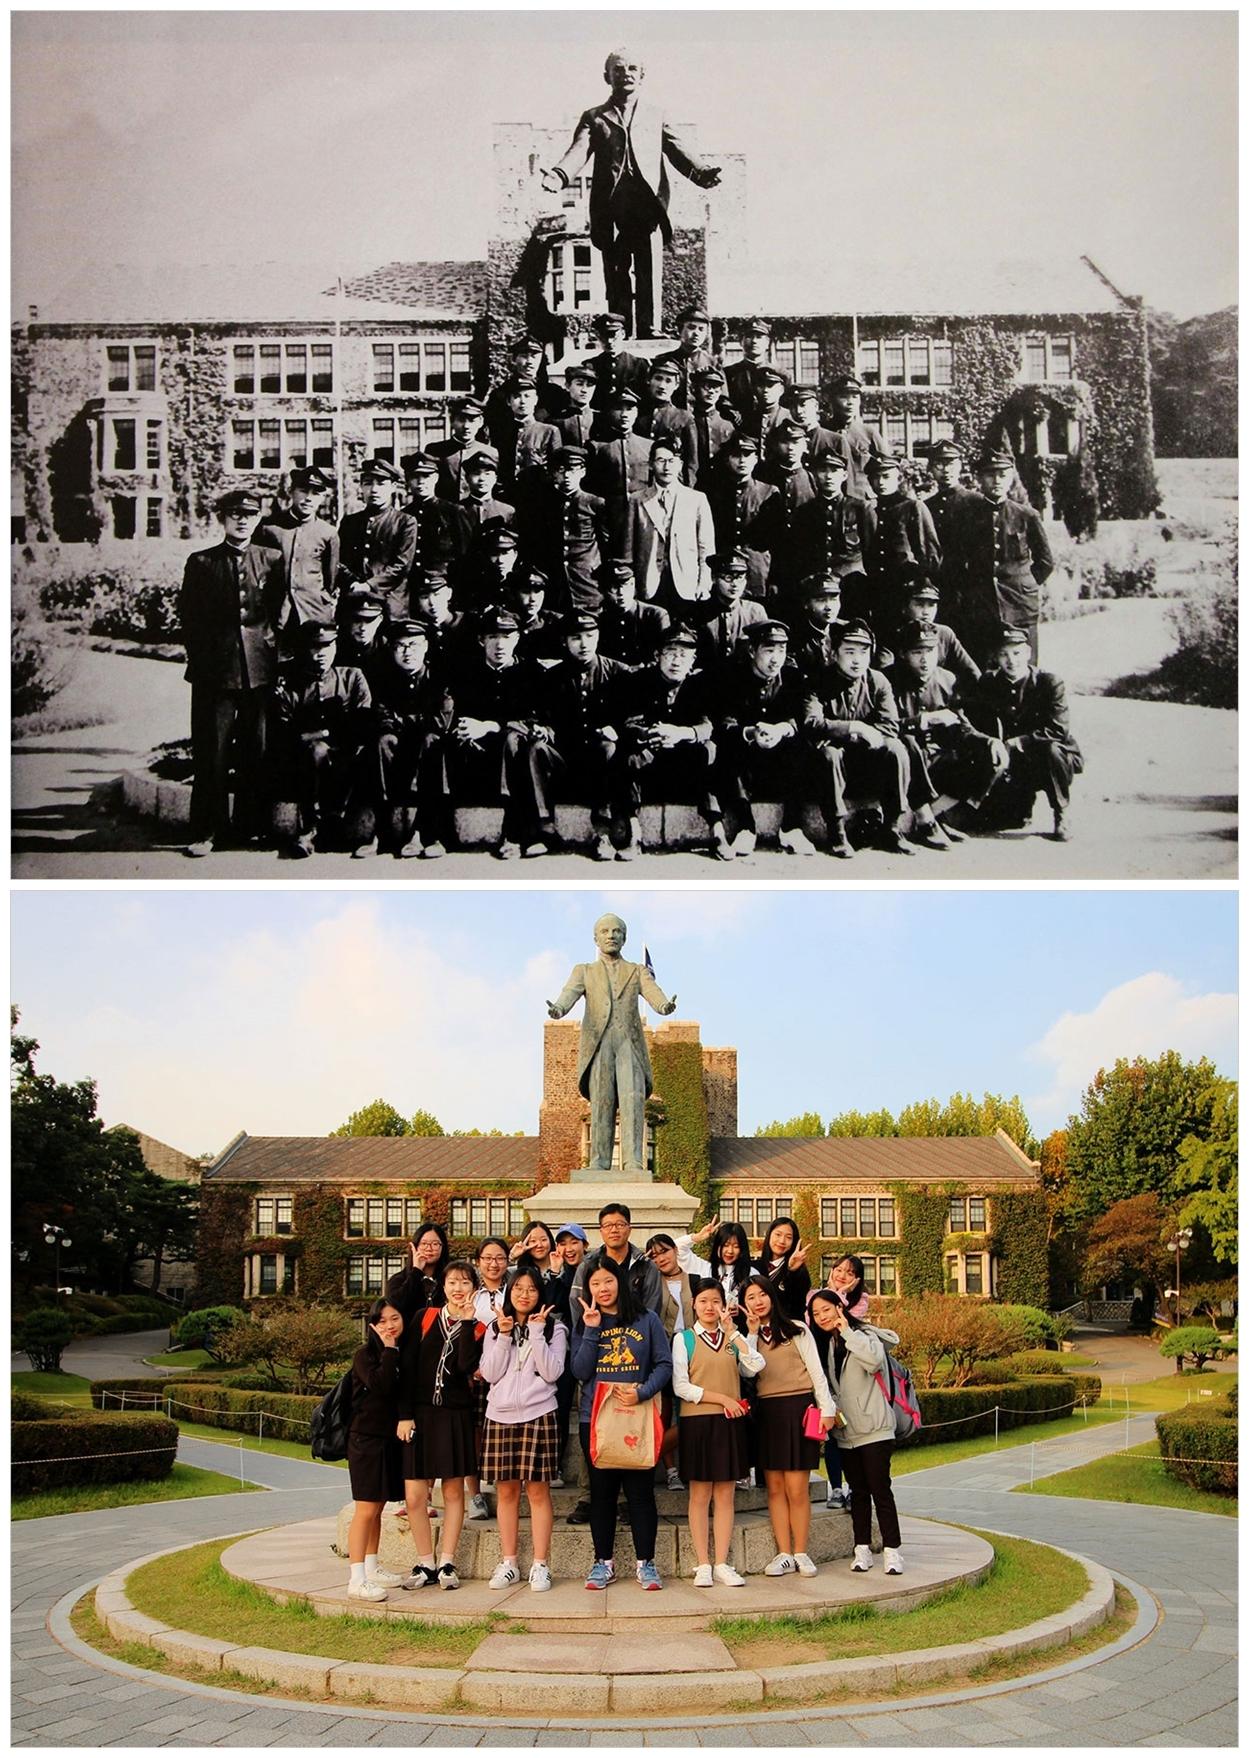 연세대 언더우드 동상 앞에서 윤동주가 이양하 선생과 문과 학생들과 찍은 사진(위)과 저자가 한성여고 학생들과 함께 찍은 사진(아래)